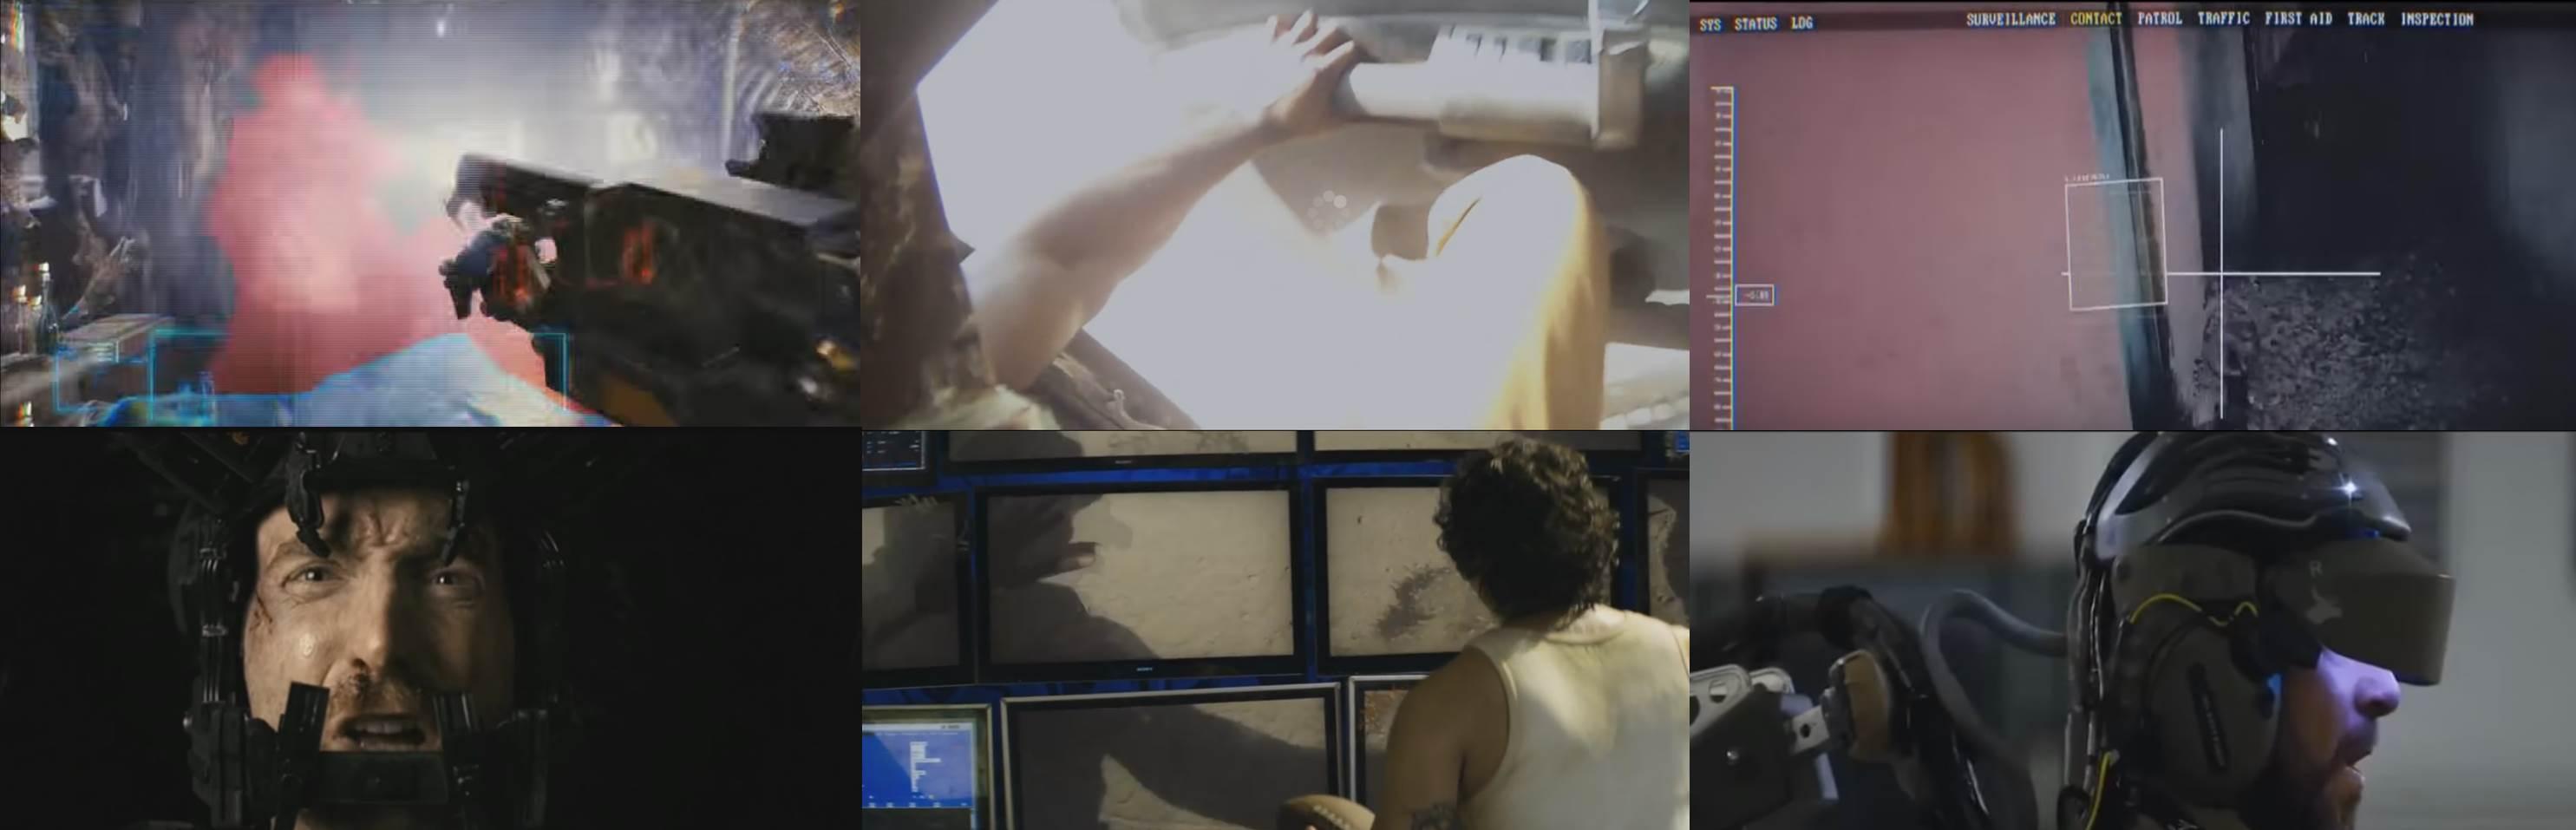 Слева направо: «Район № 9», «Элизиум: Рай на Земле», «Робот по имени Чаппи». Персонаж на центральном кадре снизу произнос